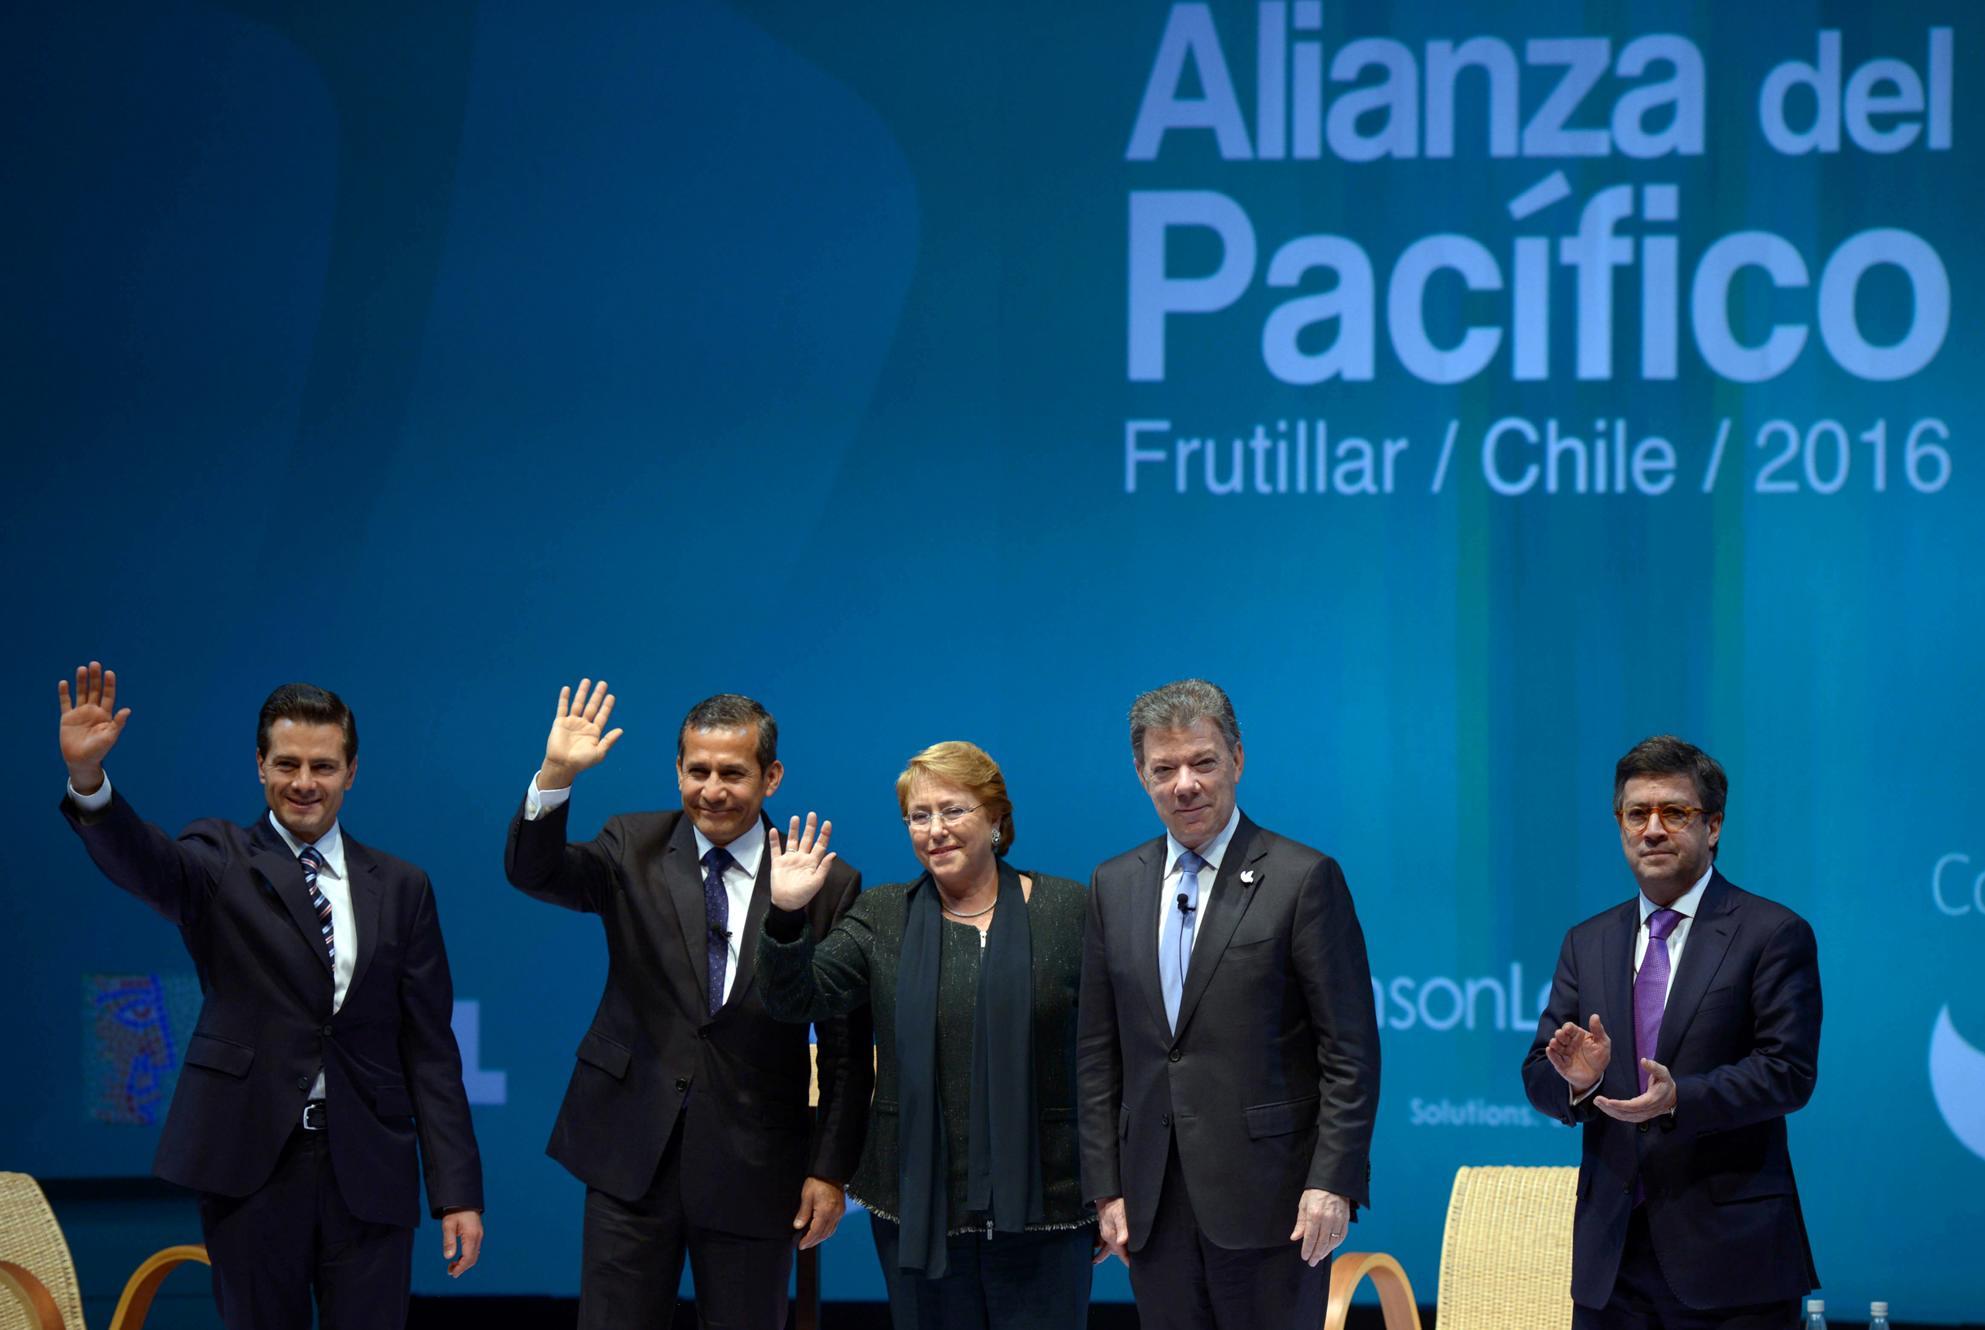 """""""La Alianza del Pacífico es una ruta y es un diseño, un instrumento de alianza, como lo dice su nombre, de acompañamiento y de alianza estratégica entre los cuatro países"""": EPN"""